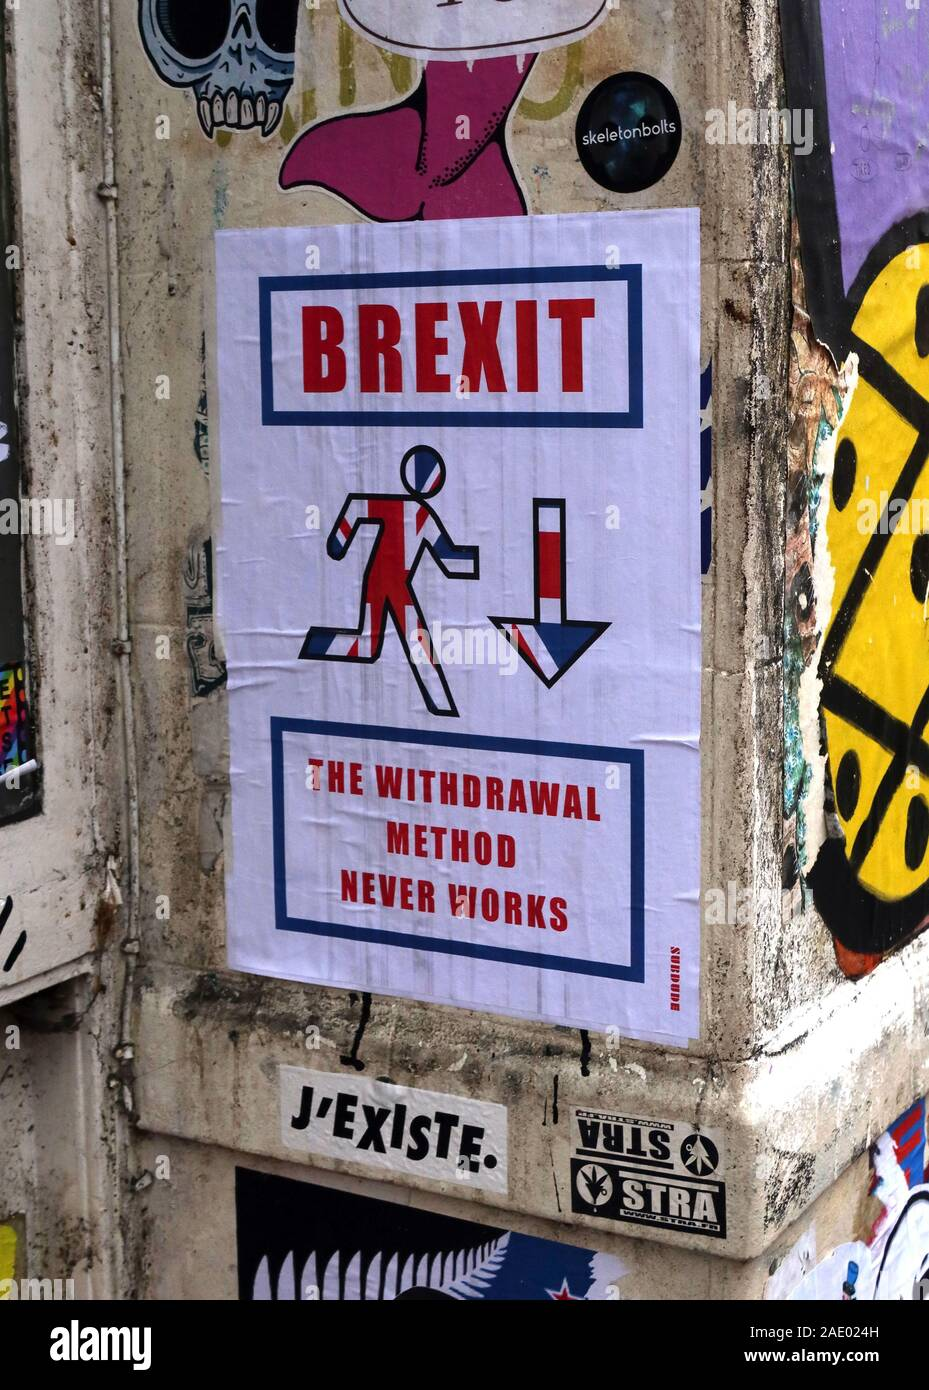 Dieses Stockfoto: Brexit,die Austrittsmethode,funktioniert nie,Brick Lane,East End,London,England,UK, E1 - 2AE024